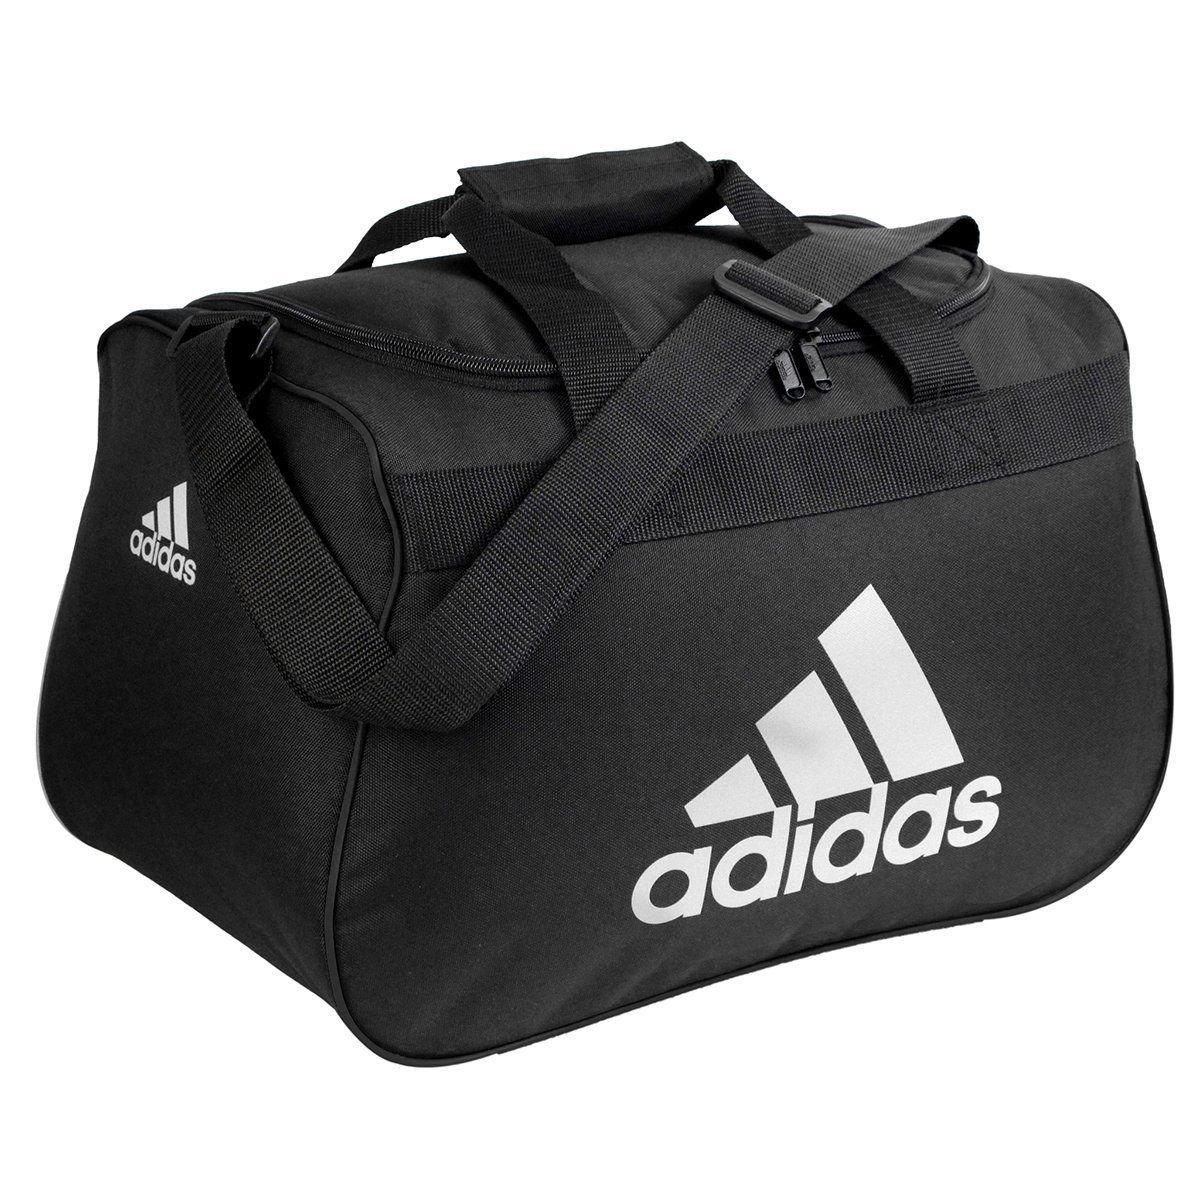 Adidas Diablo Small Duffel Bag - Black/White